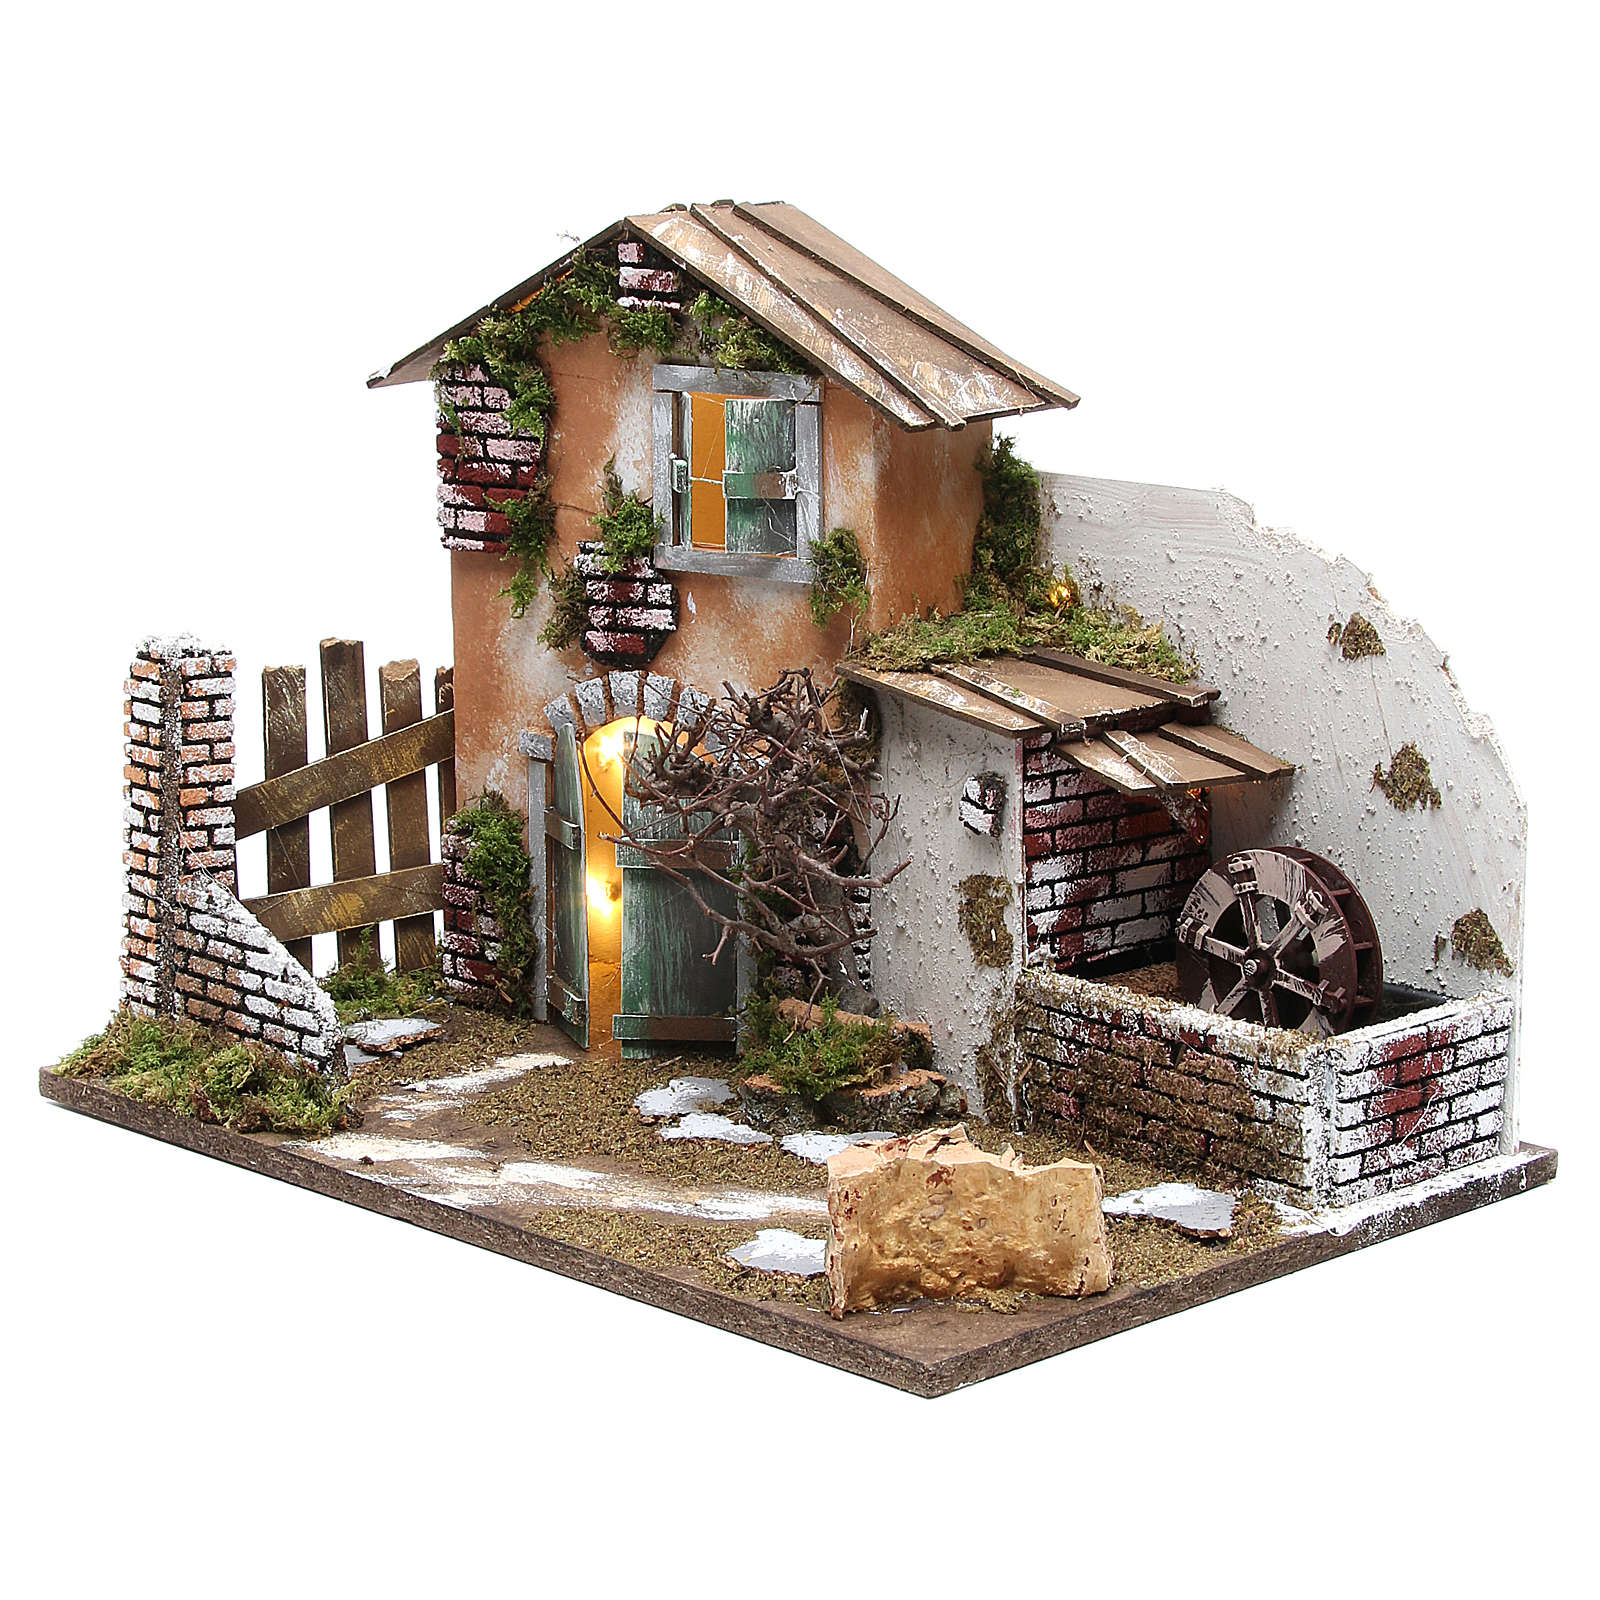 Chalet crèche 32x45x30 avec 10 lumières à piles et moulin à eau 4